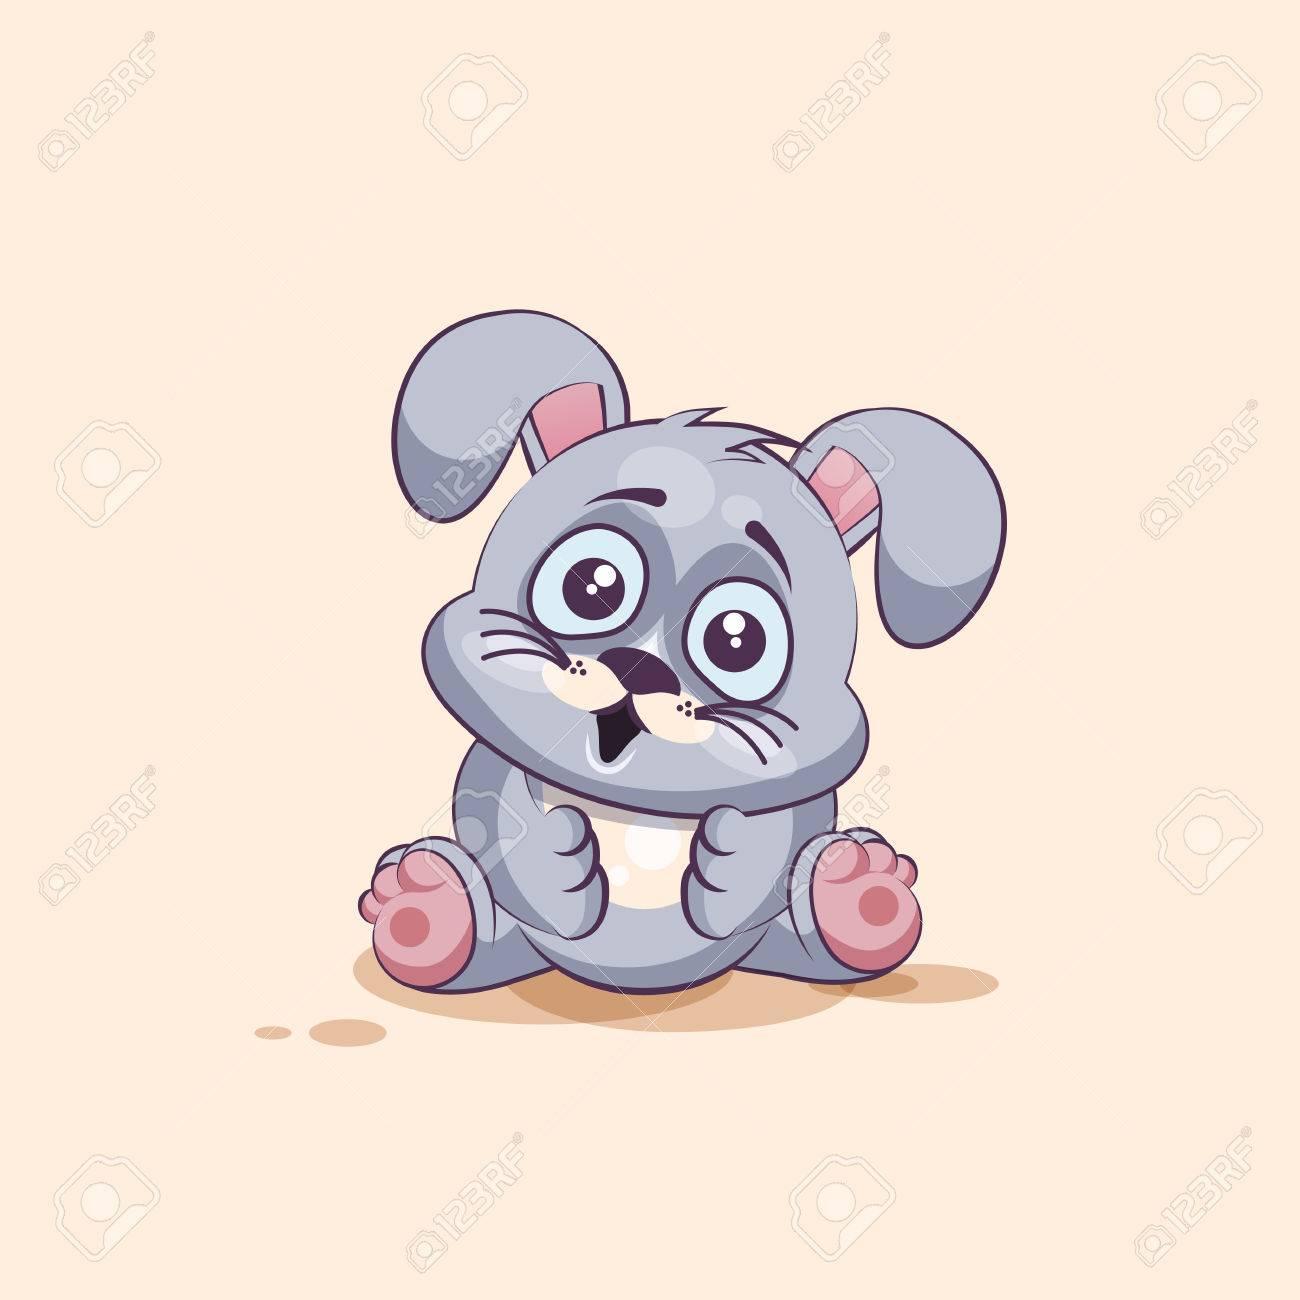 banque dimages vector illustration isol dessin anim caractre emoji gris leveret surpris avec grande moticne yeux autocollant pour le site - Dessin Avec Emoji